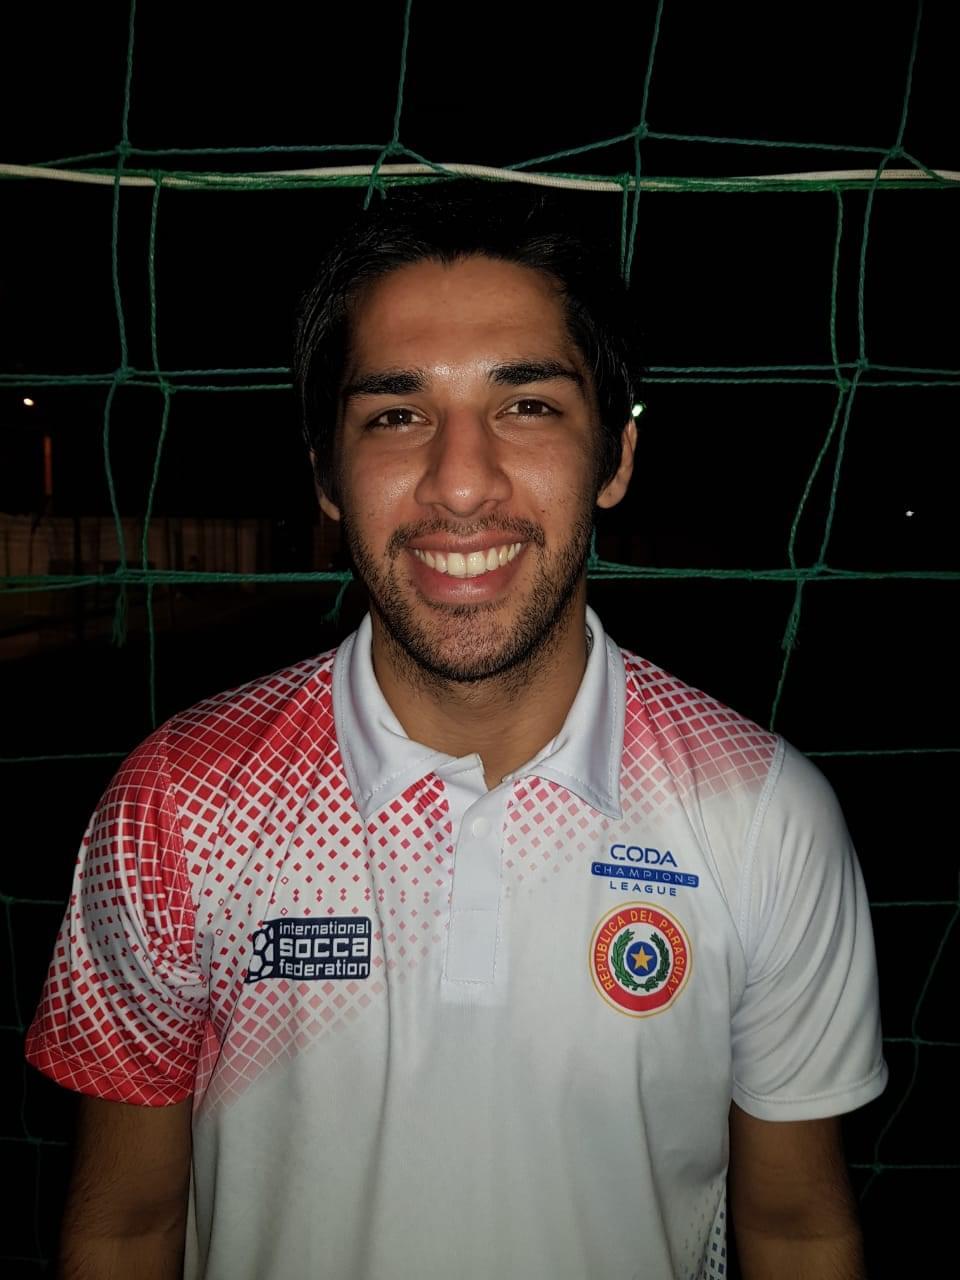 Andres Alejandro Lezcano Garcete